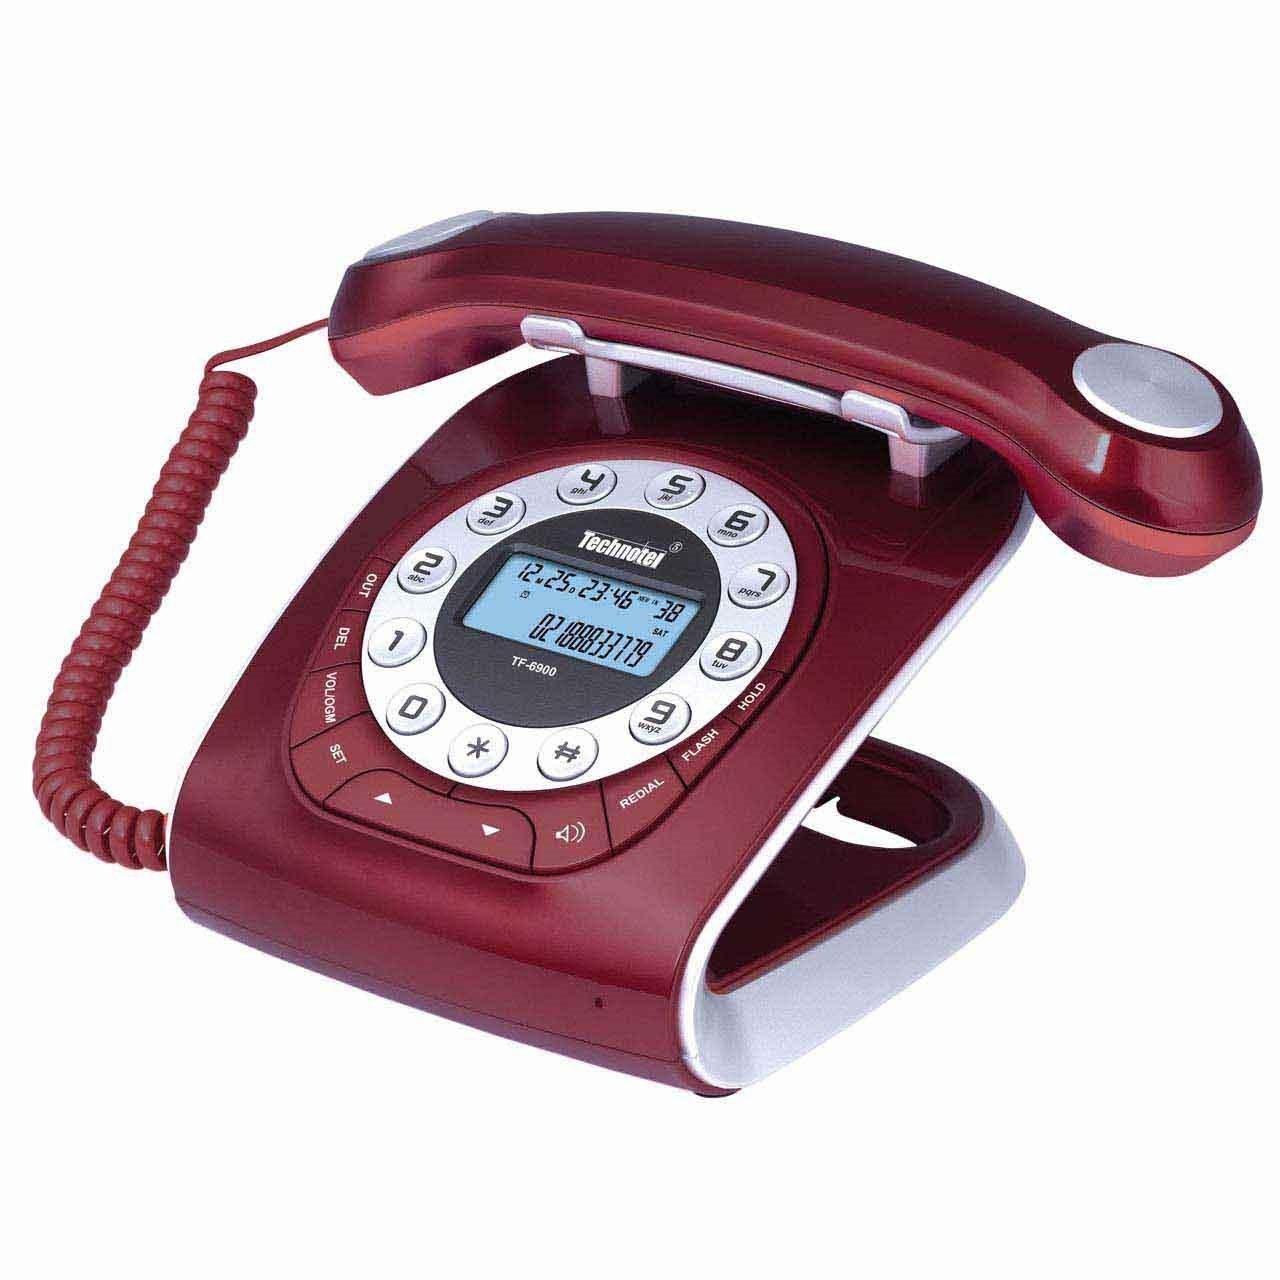 تصویر تلفن تکنوتل مدل 6900